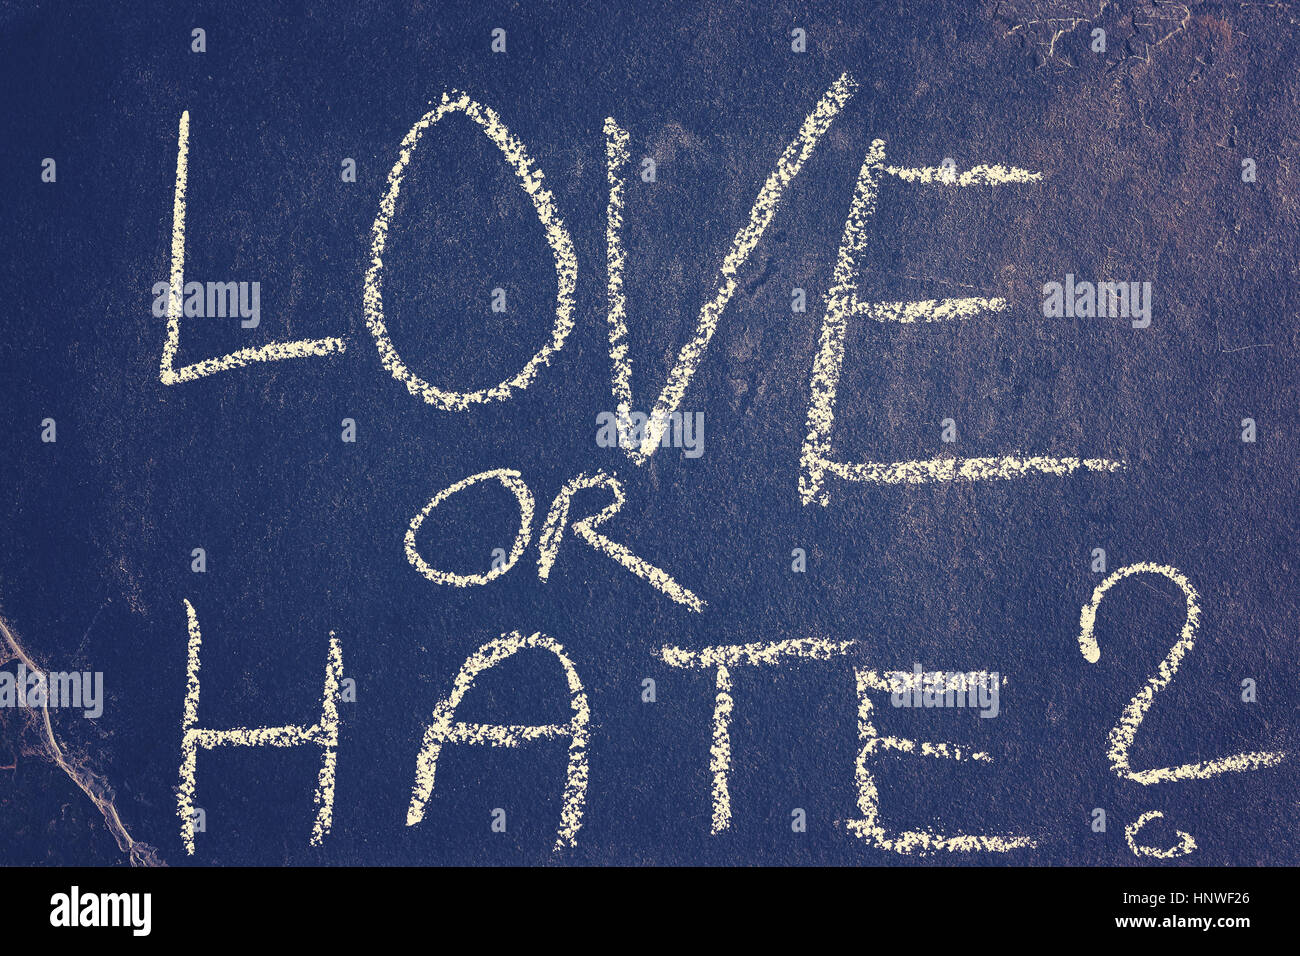 Dibujo de tiza el amor o el odio, la tonalidad de color aplicado, imagen conceptual. Imagen De Stock